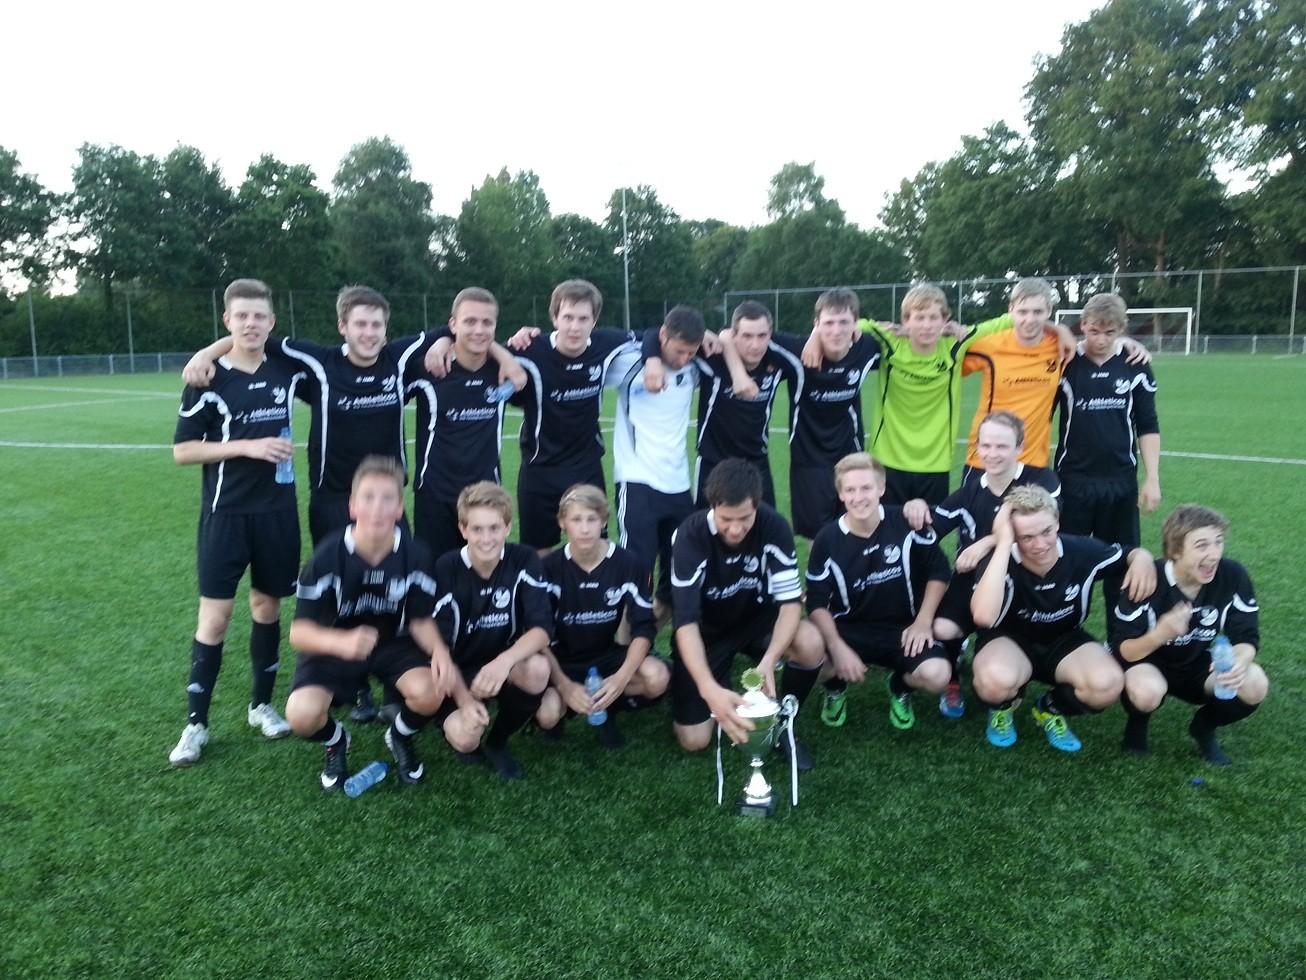 U-21 Finalsiegermannschaft Saison 2013/2014